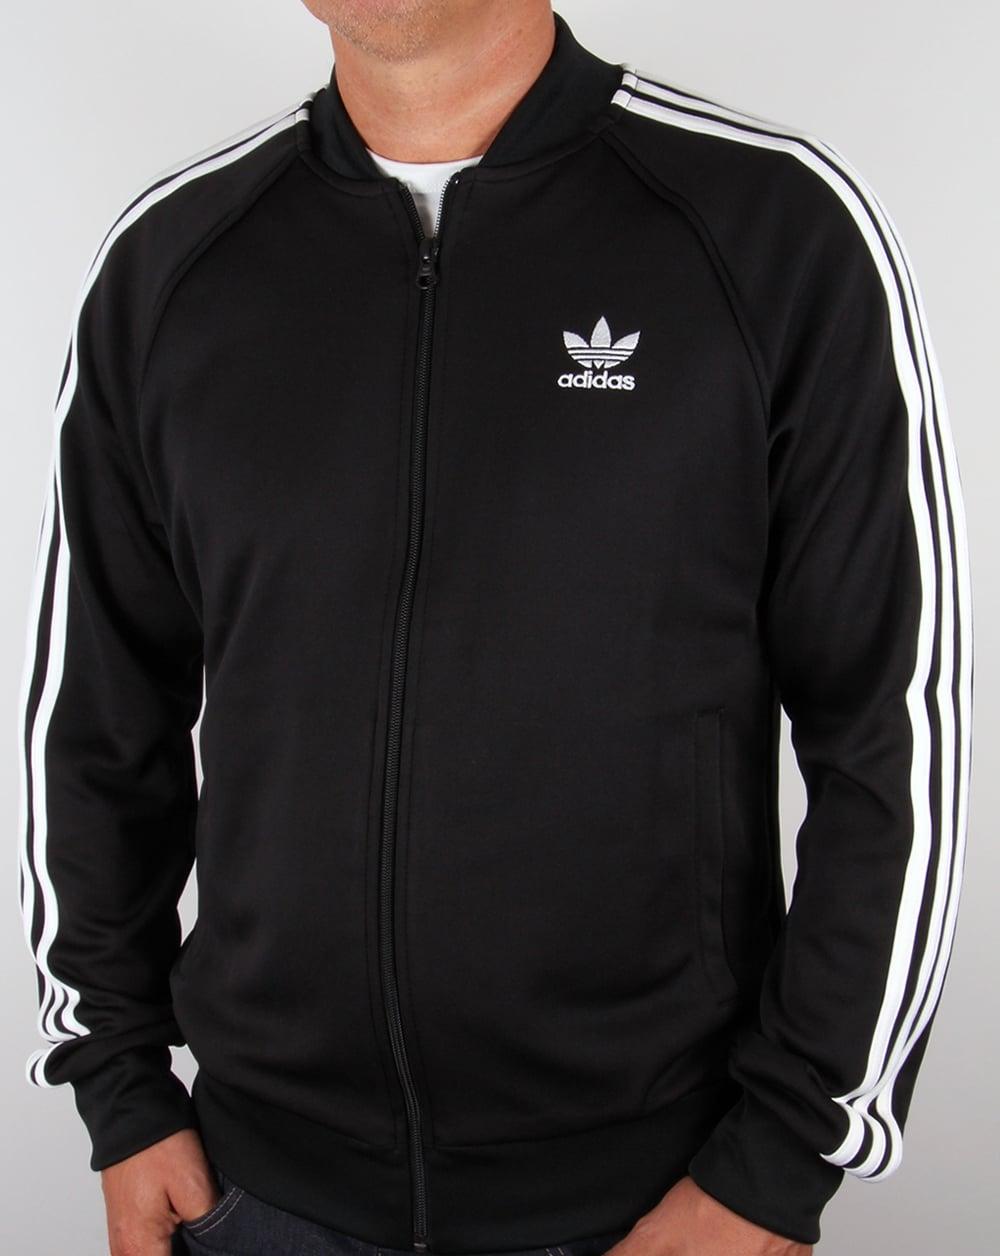 Adidas Originals Superstar Pista Top Nero 4hmf3